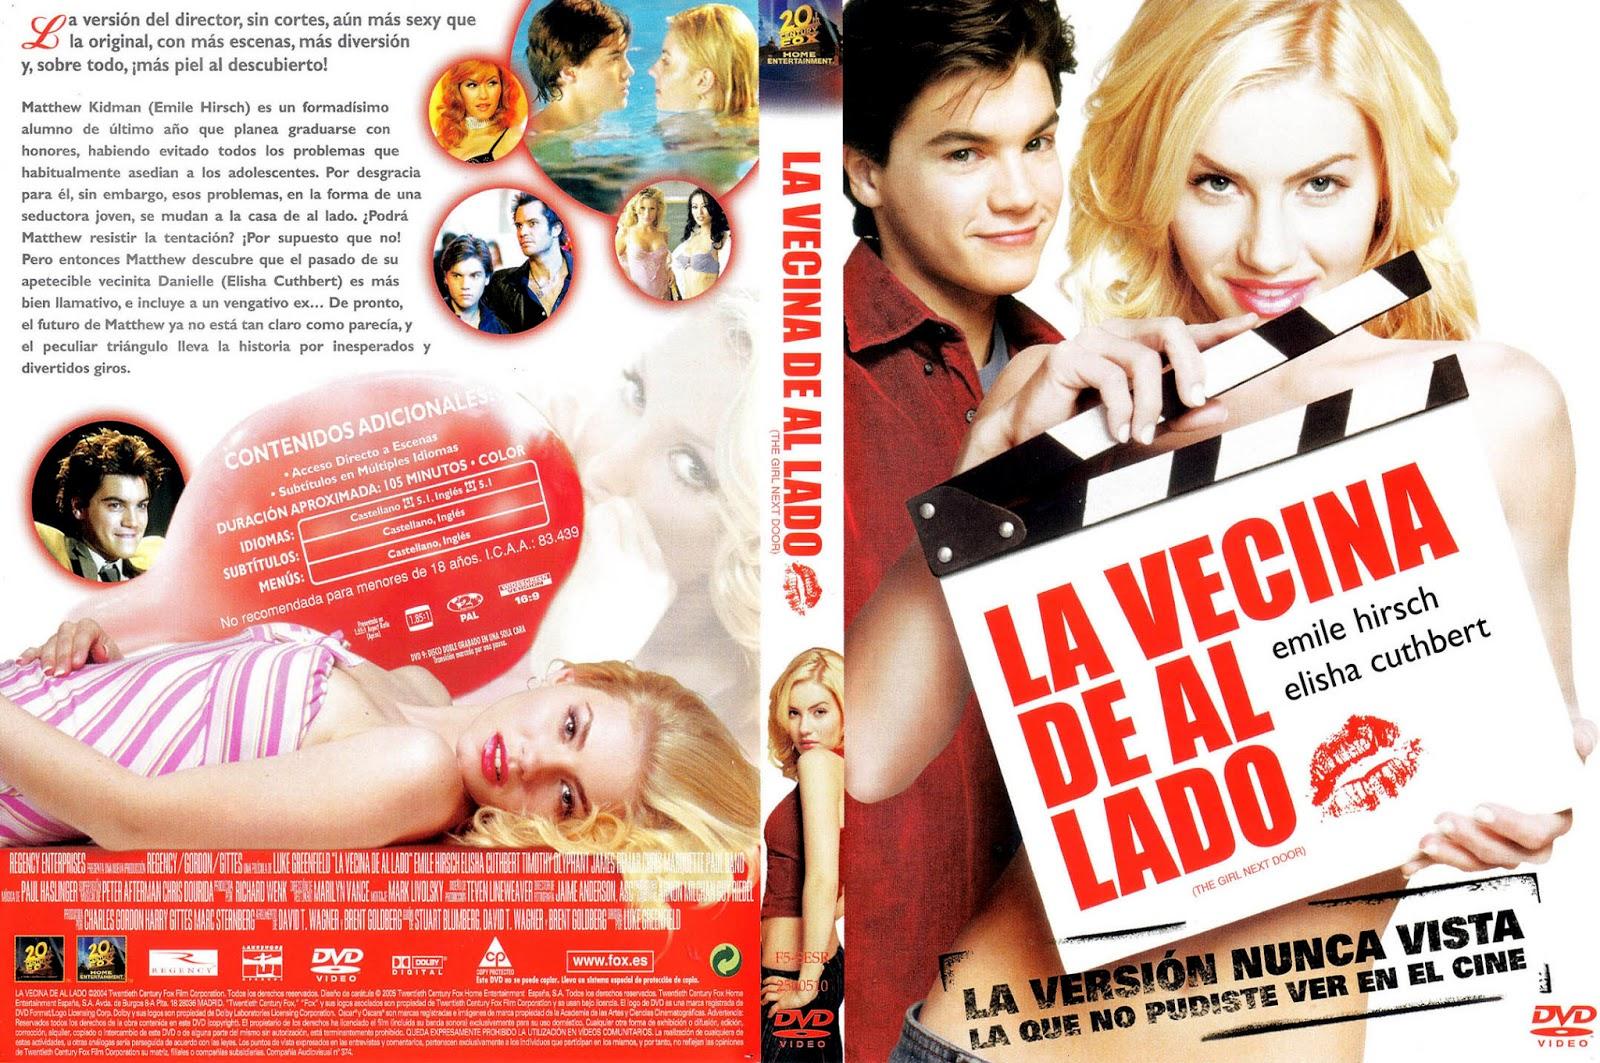 La Vecina De Al Lado DVD